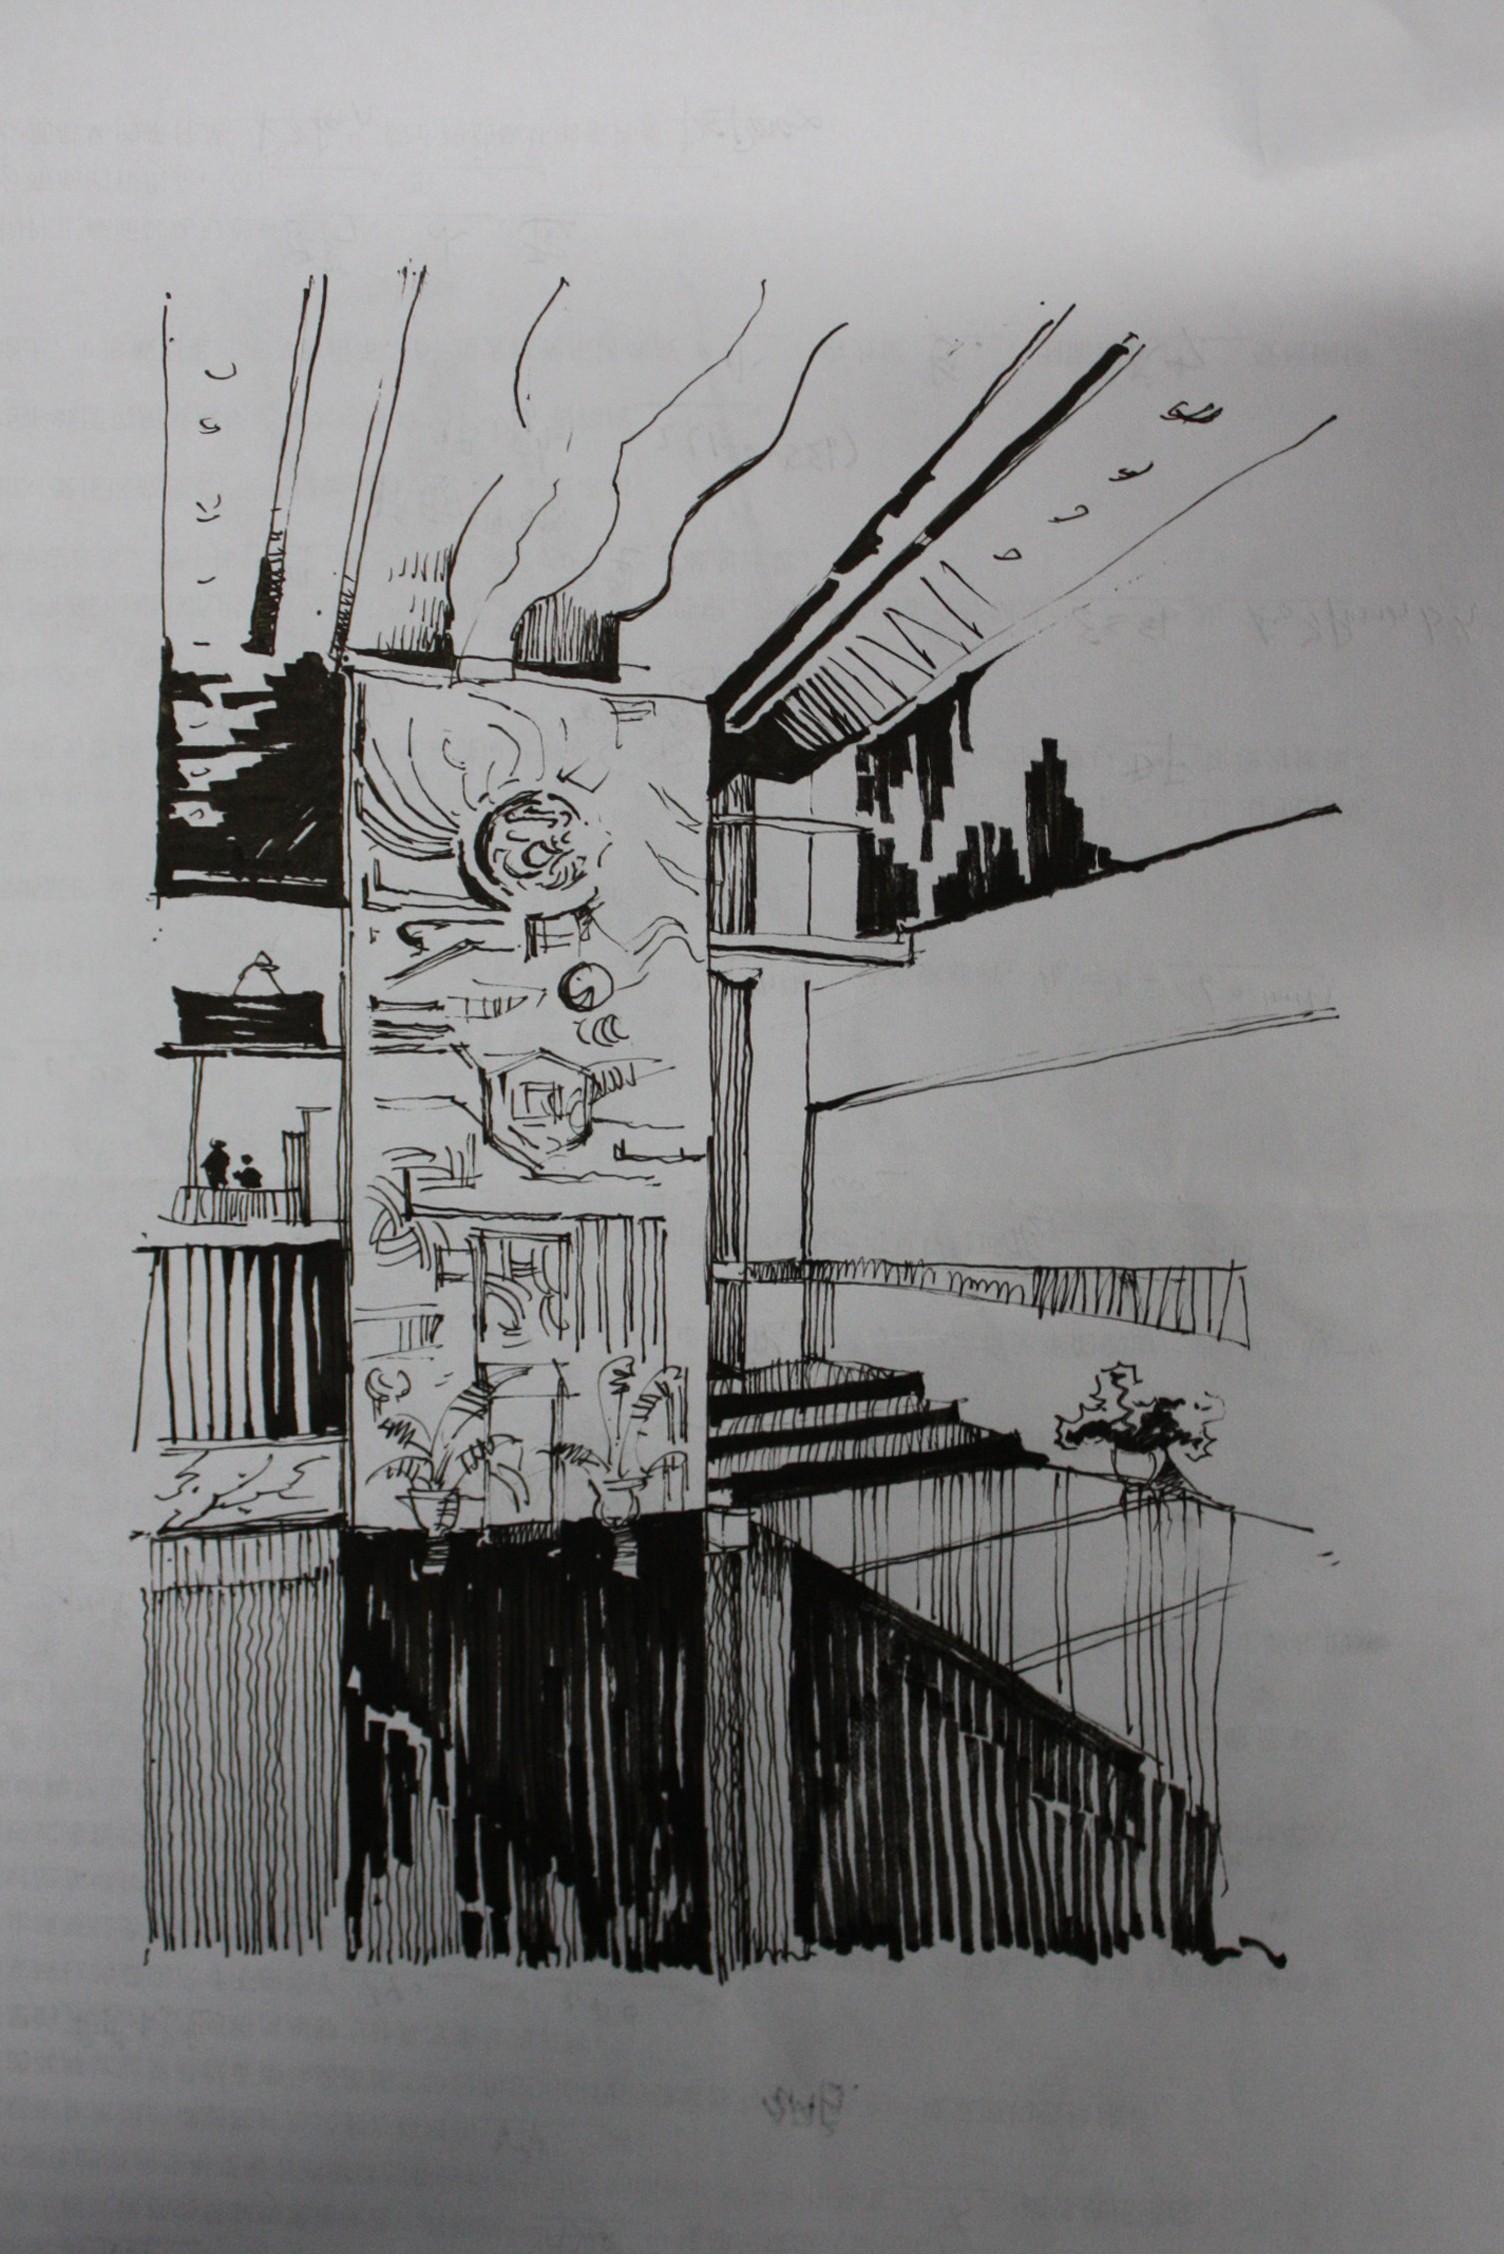 园林房子钢笔画分享展示